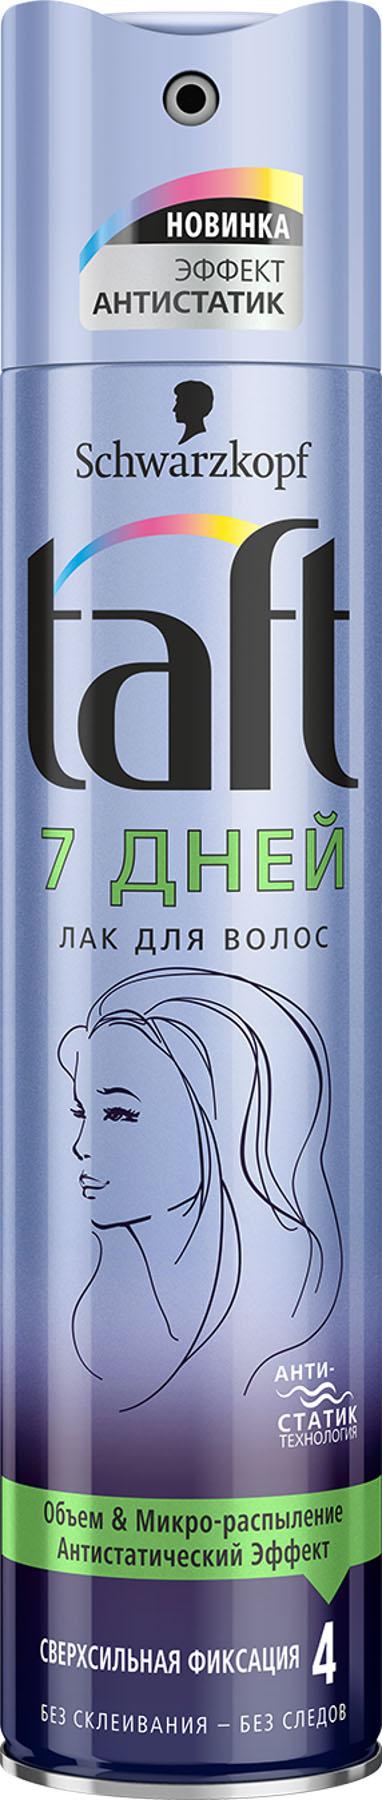 Taft Лак для волос 7 Дней сверхсильная фиксация, 225 мл2276200СТОЙКИЙ ОБЪЕМ - СВЕРХСИЛЬНАЯ ФИКСАЦИЯ Формула Taft 7 Дней с технологией антистатик защищает волосы от влажности и обеспечивает стойкую фиксацию для подвижной объемной укладки. • Без утяжеления, естественная подвижность волос. • Помогает защитить волосы от пересушивания, не утяжеляя их.